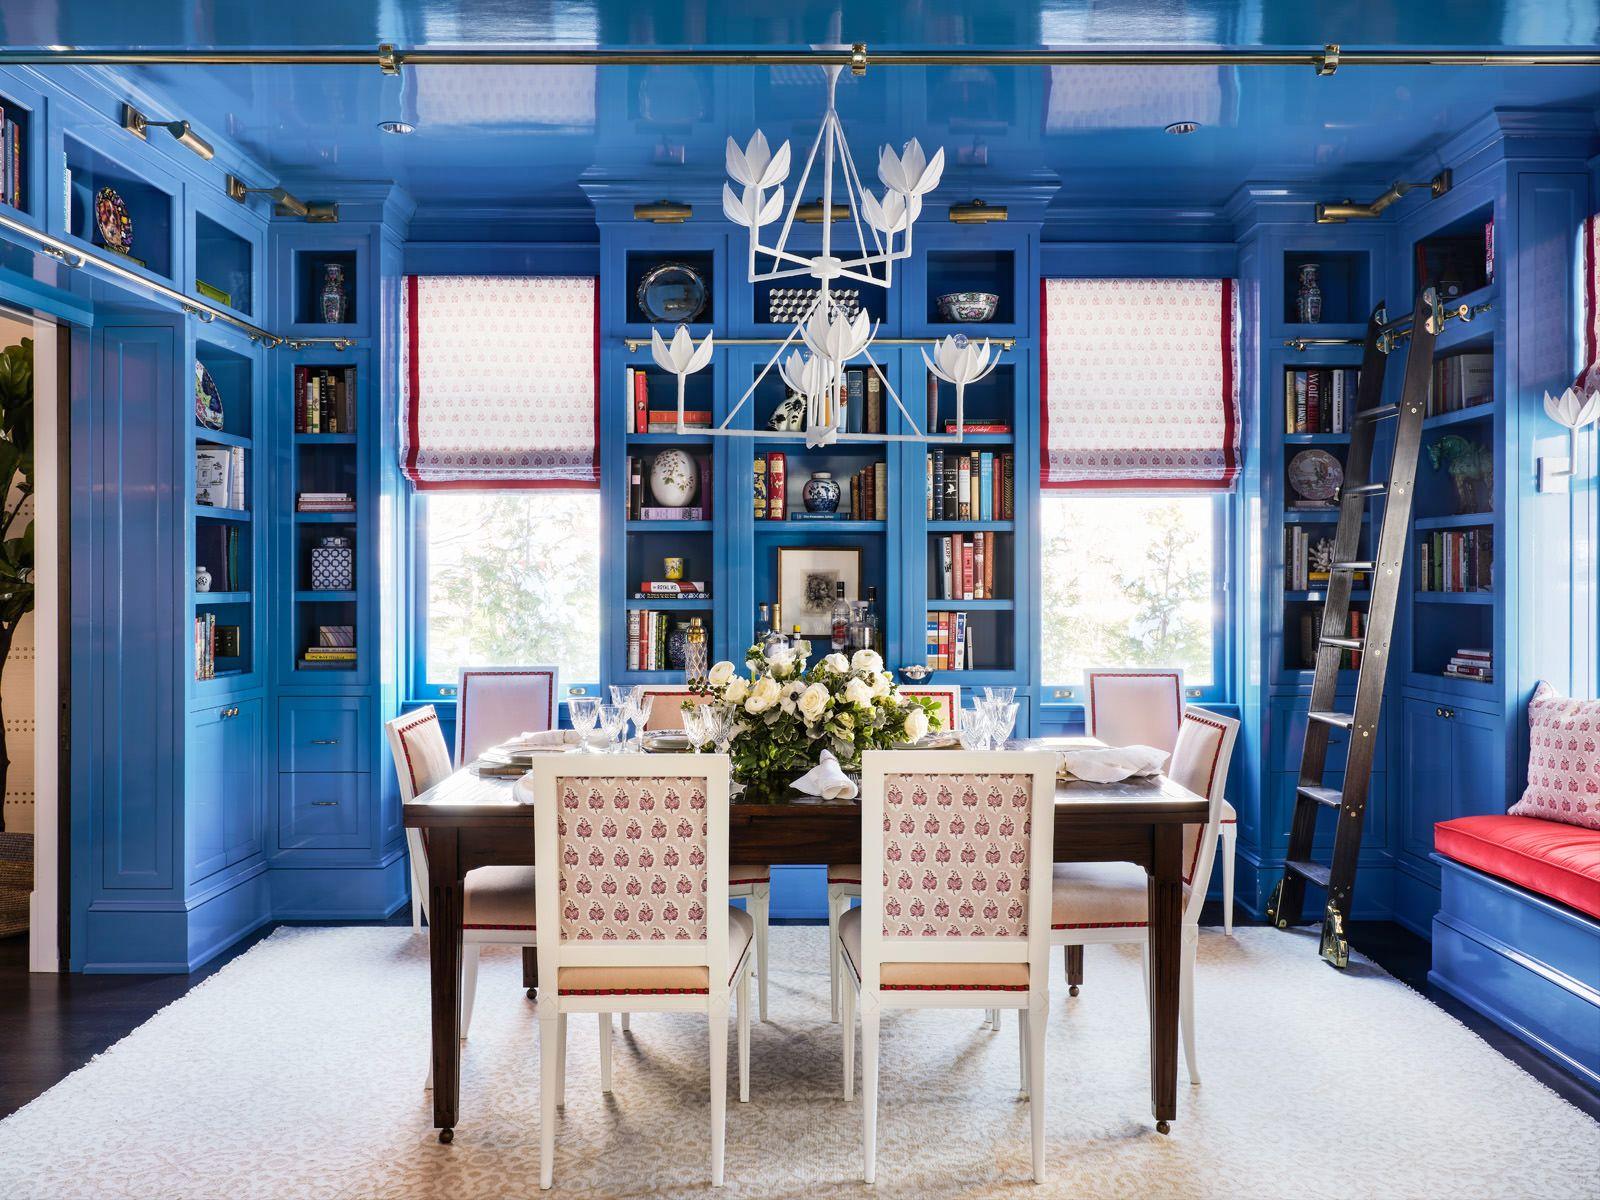 dining-room-ideas-dscf1729-1572373042.jpg